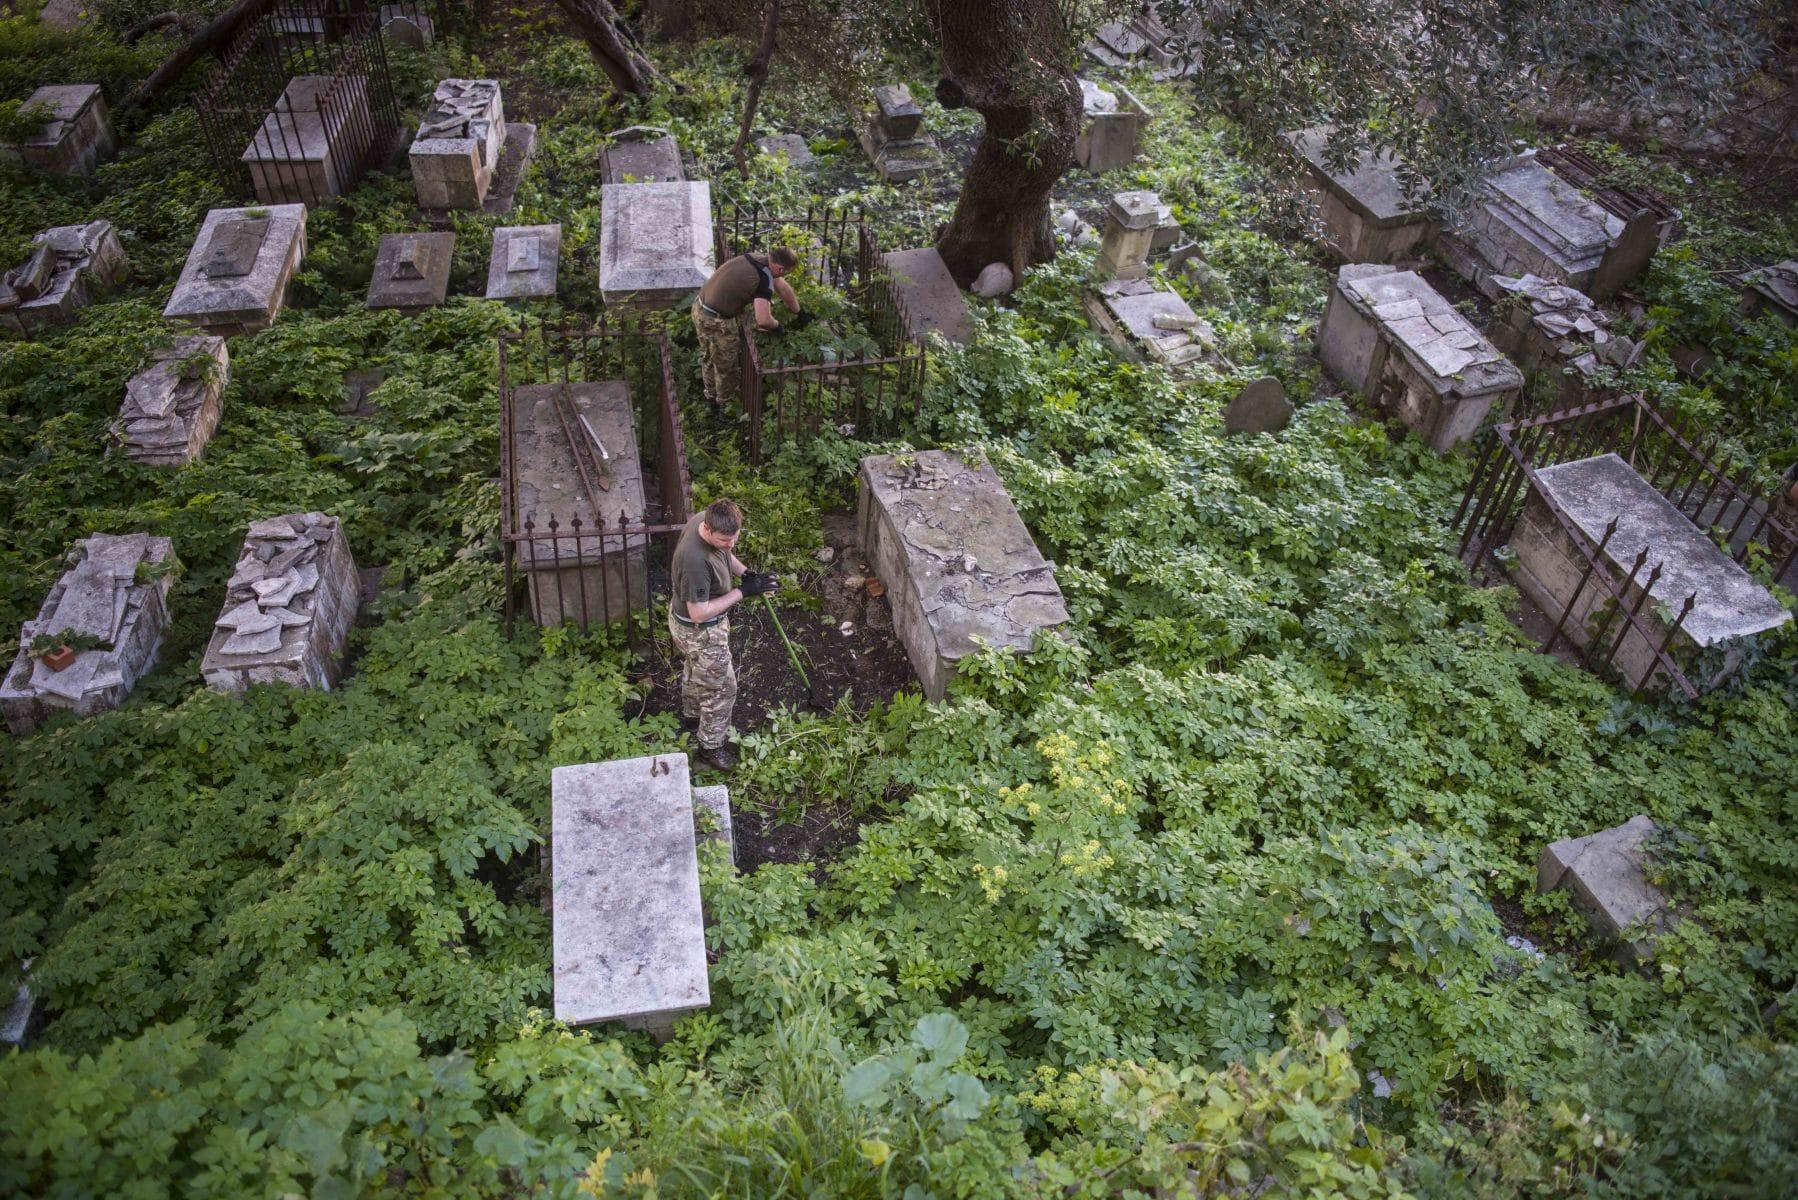 restauracin-cementerio-witham-28_25451433346_o